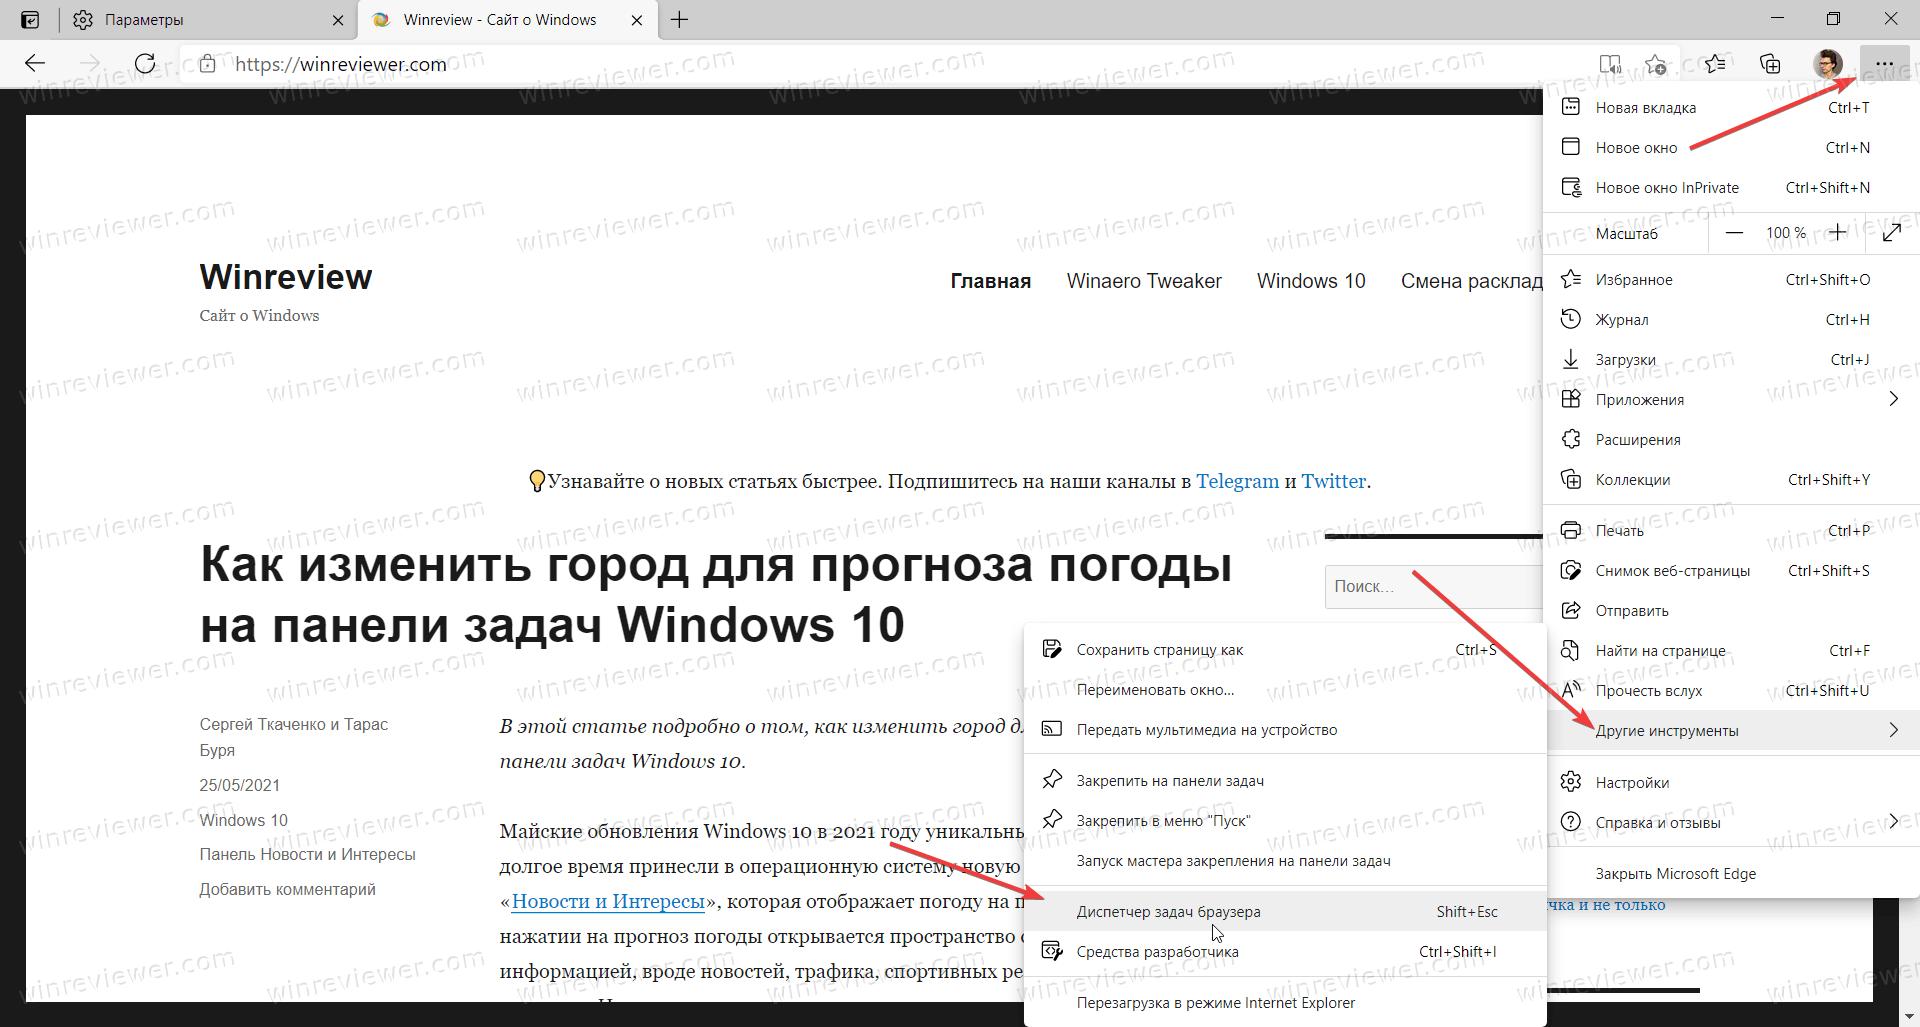 Открыть Диспетчер задач браузера из меню Edge